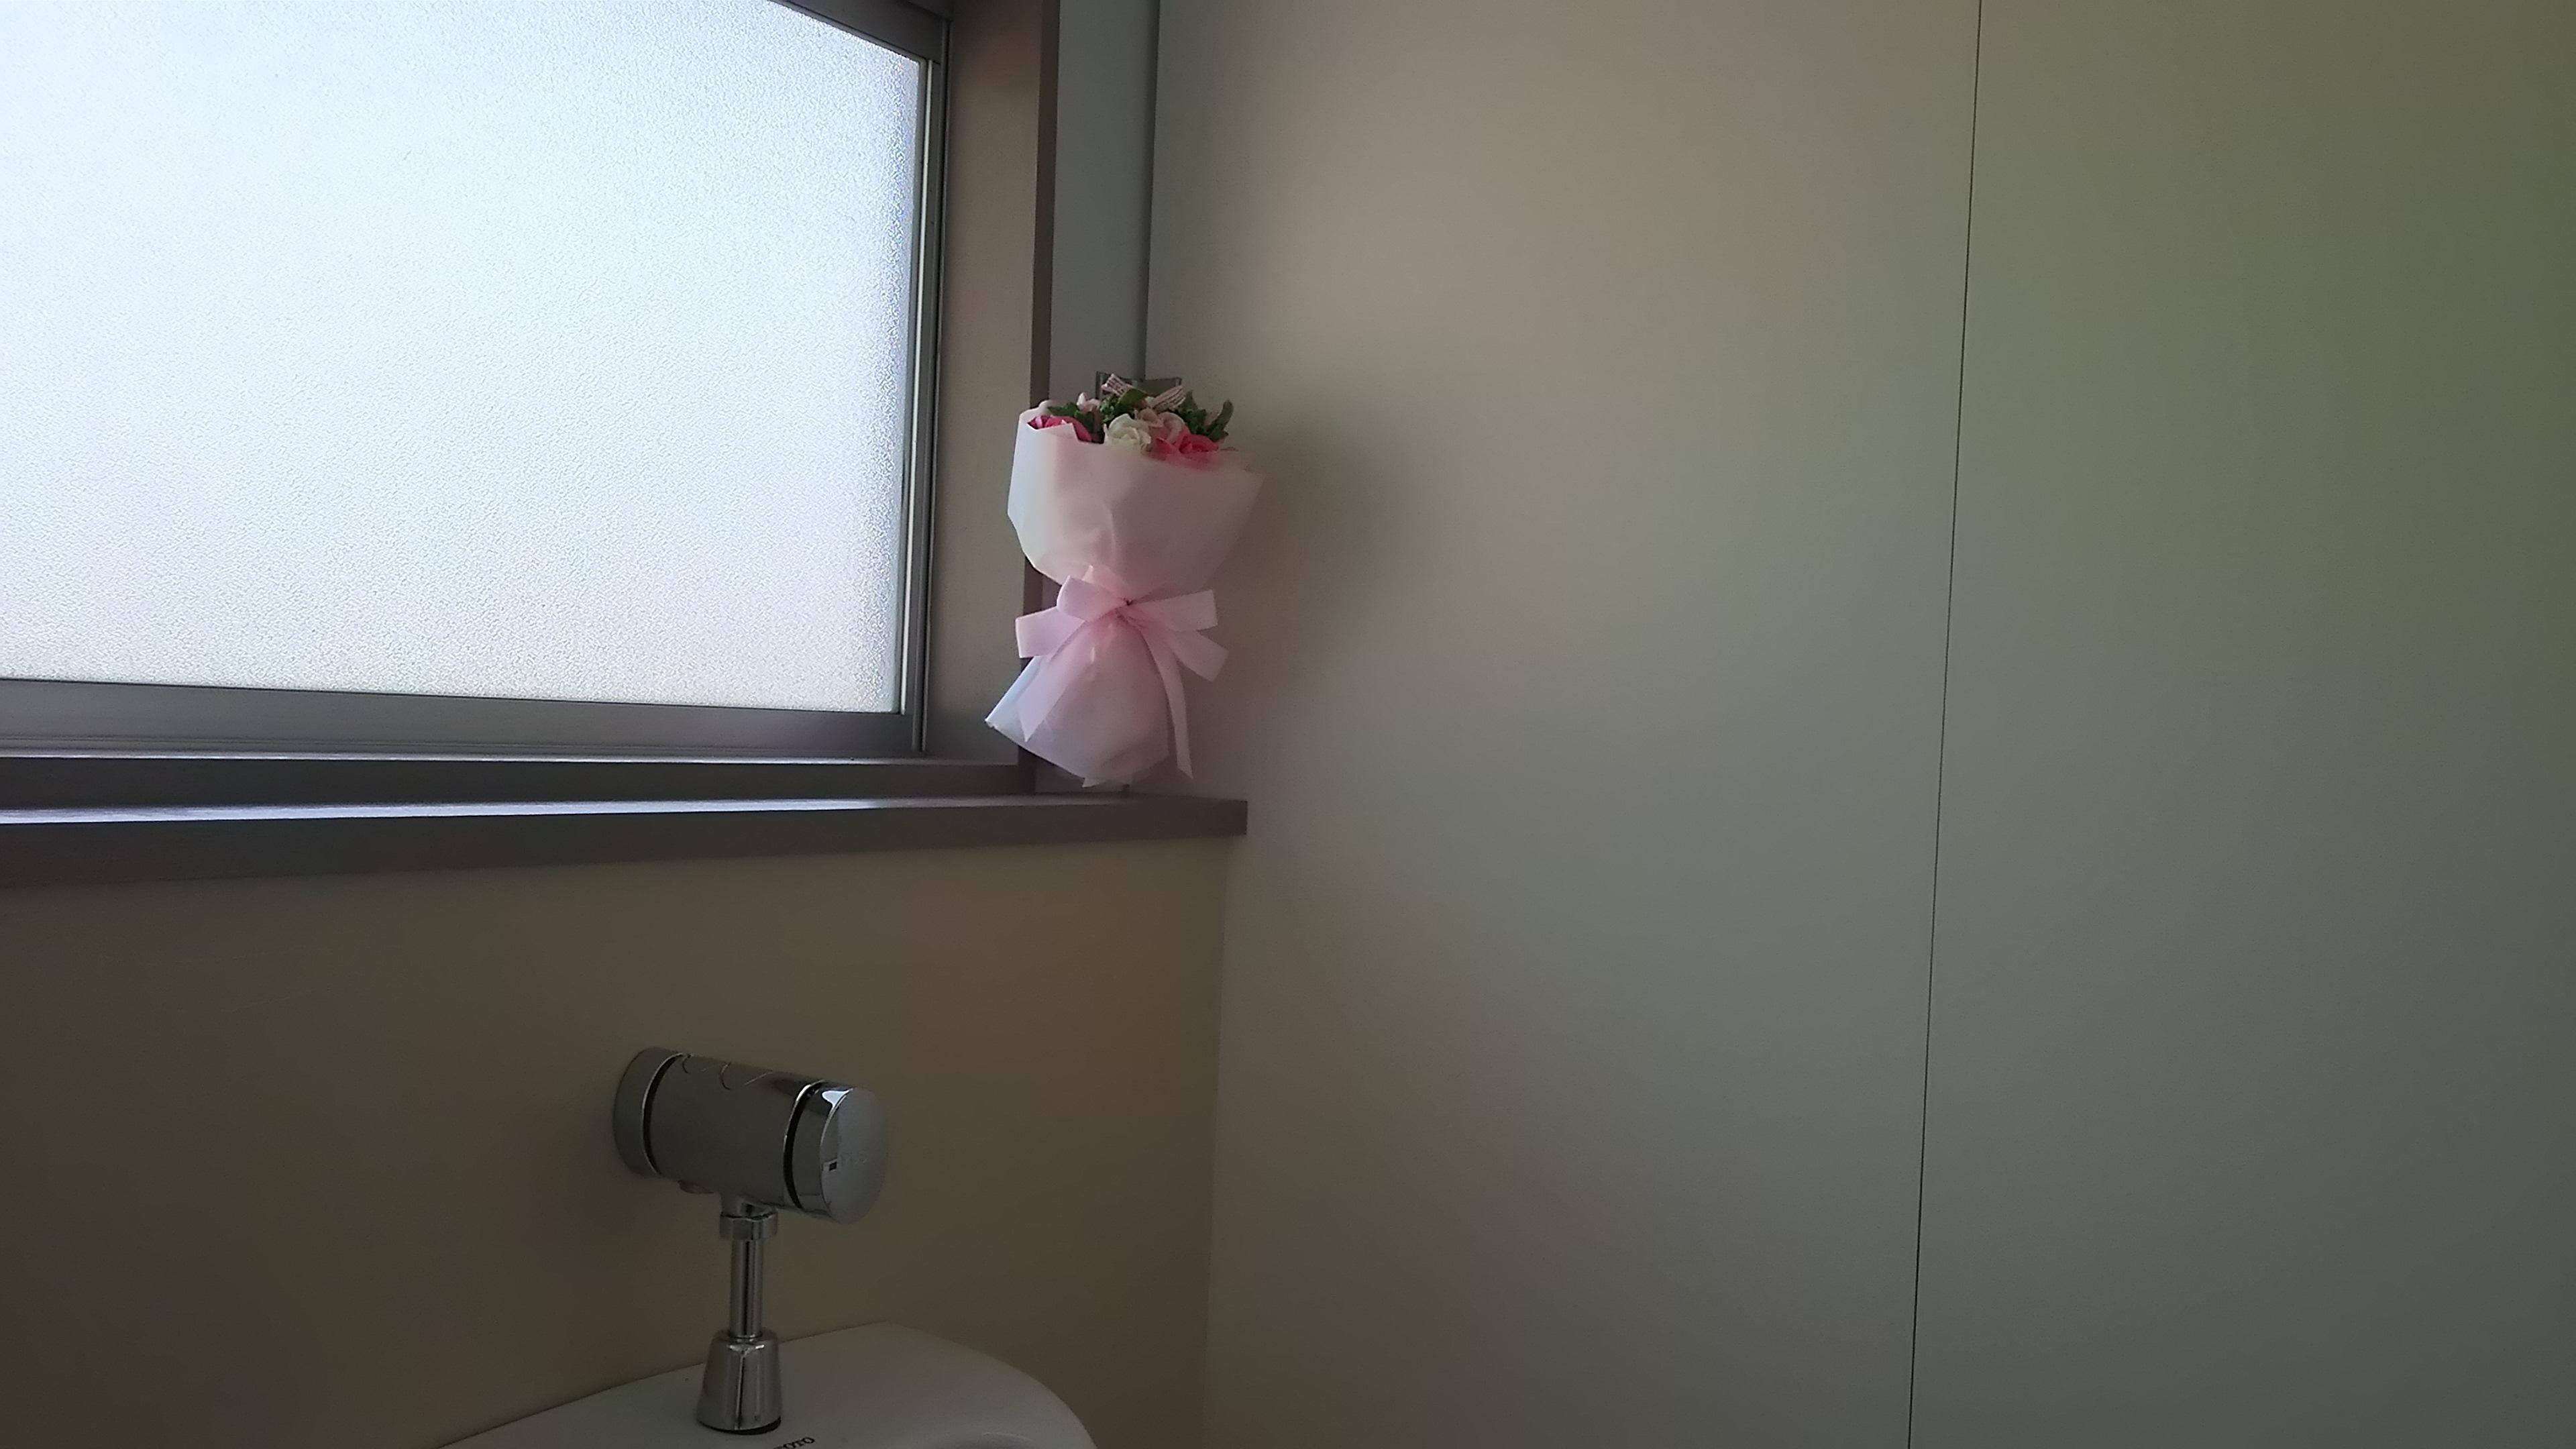 駅のトイレに感動して?!